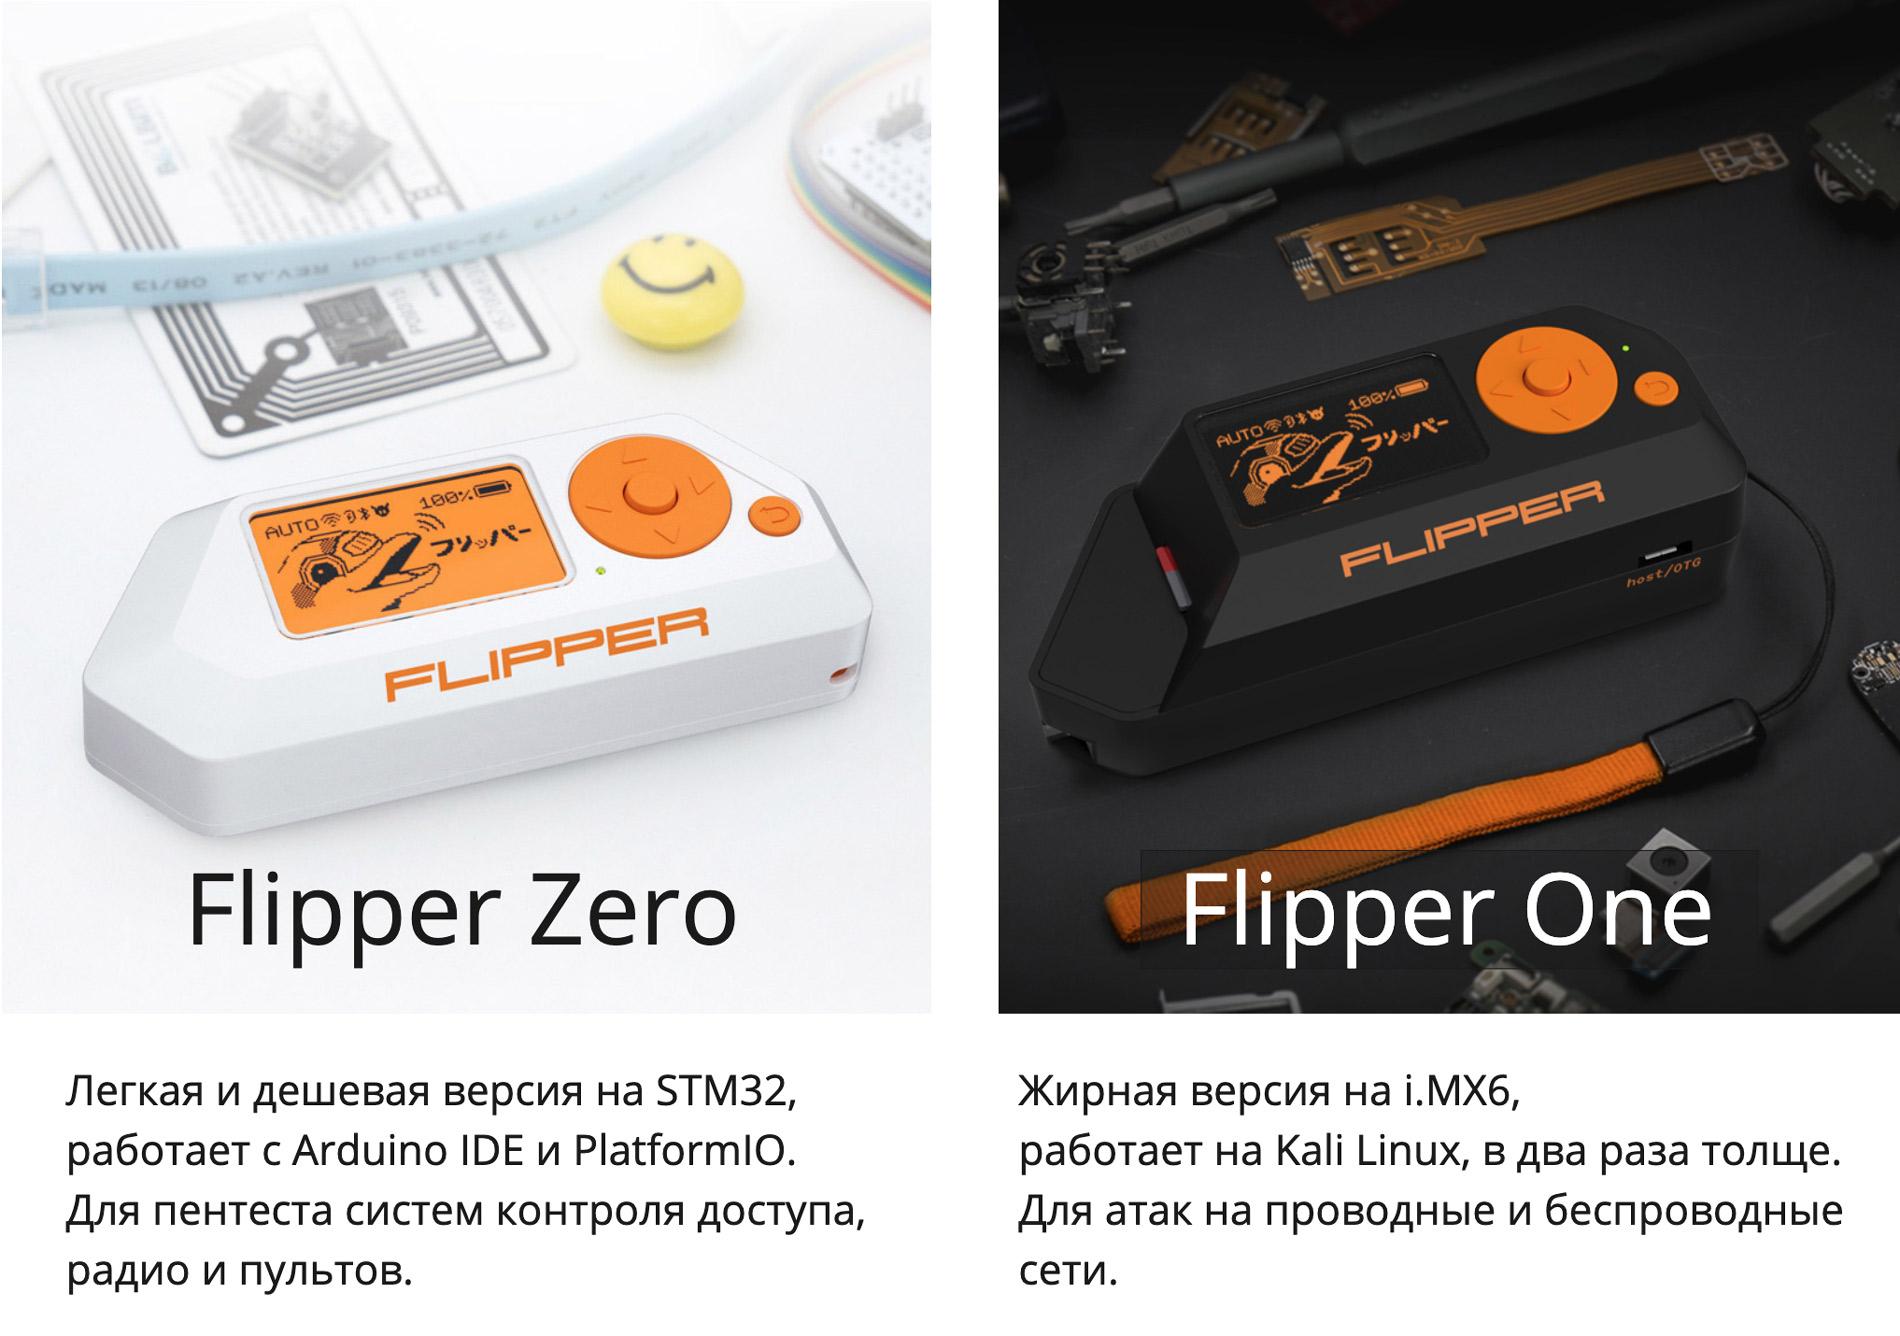 Flipper Zero-One — теперь два устройства. Подготовка к Кикстартеру - 1